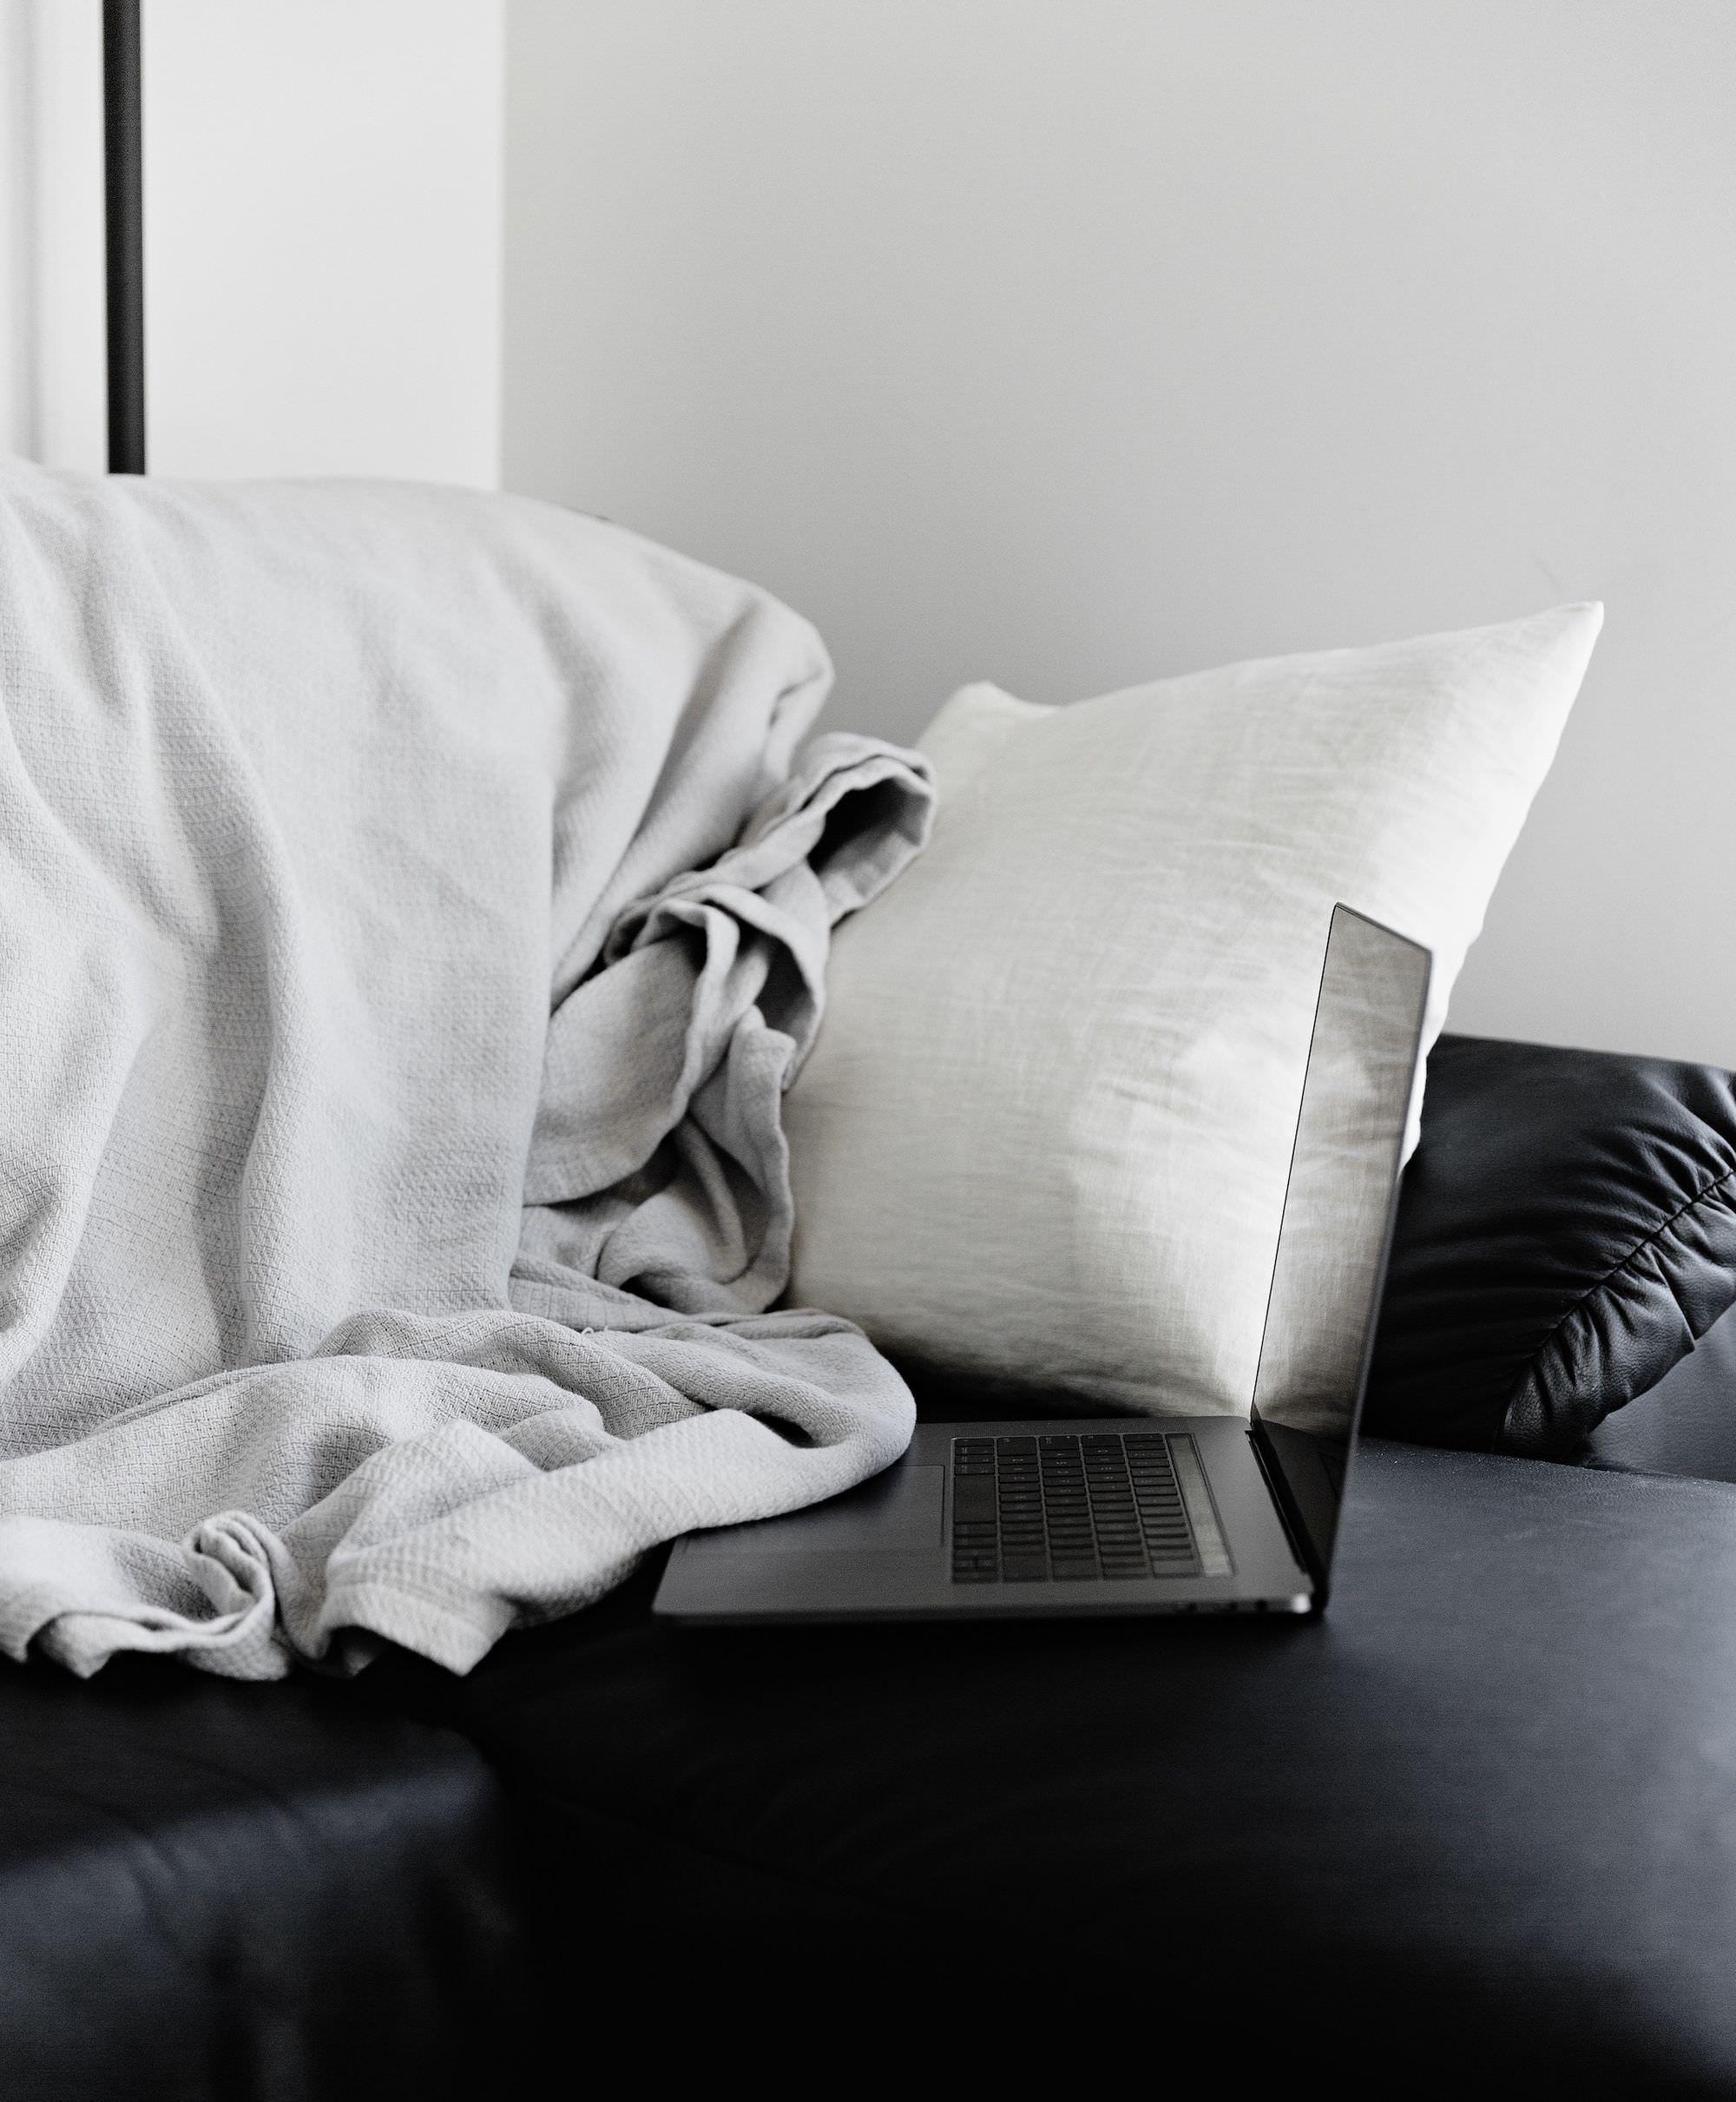 Ordinateur portable sur un lit avec oreiller et draps.